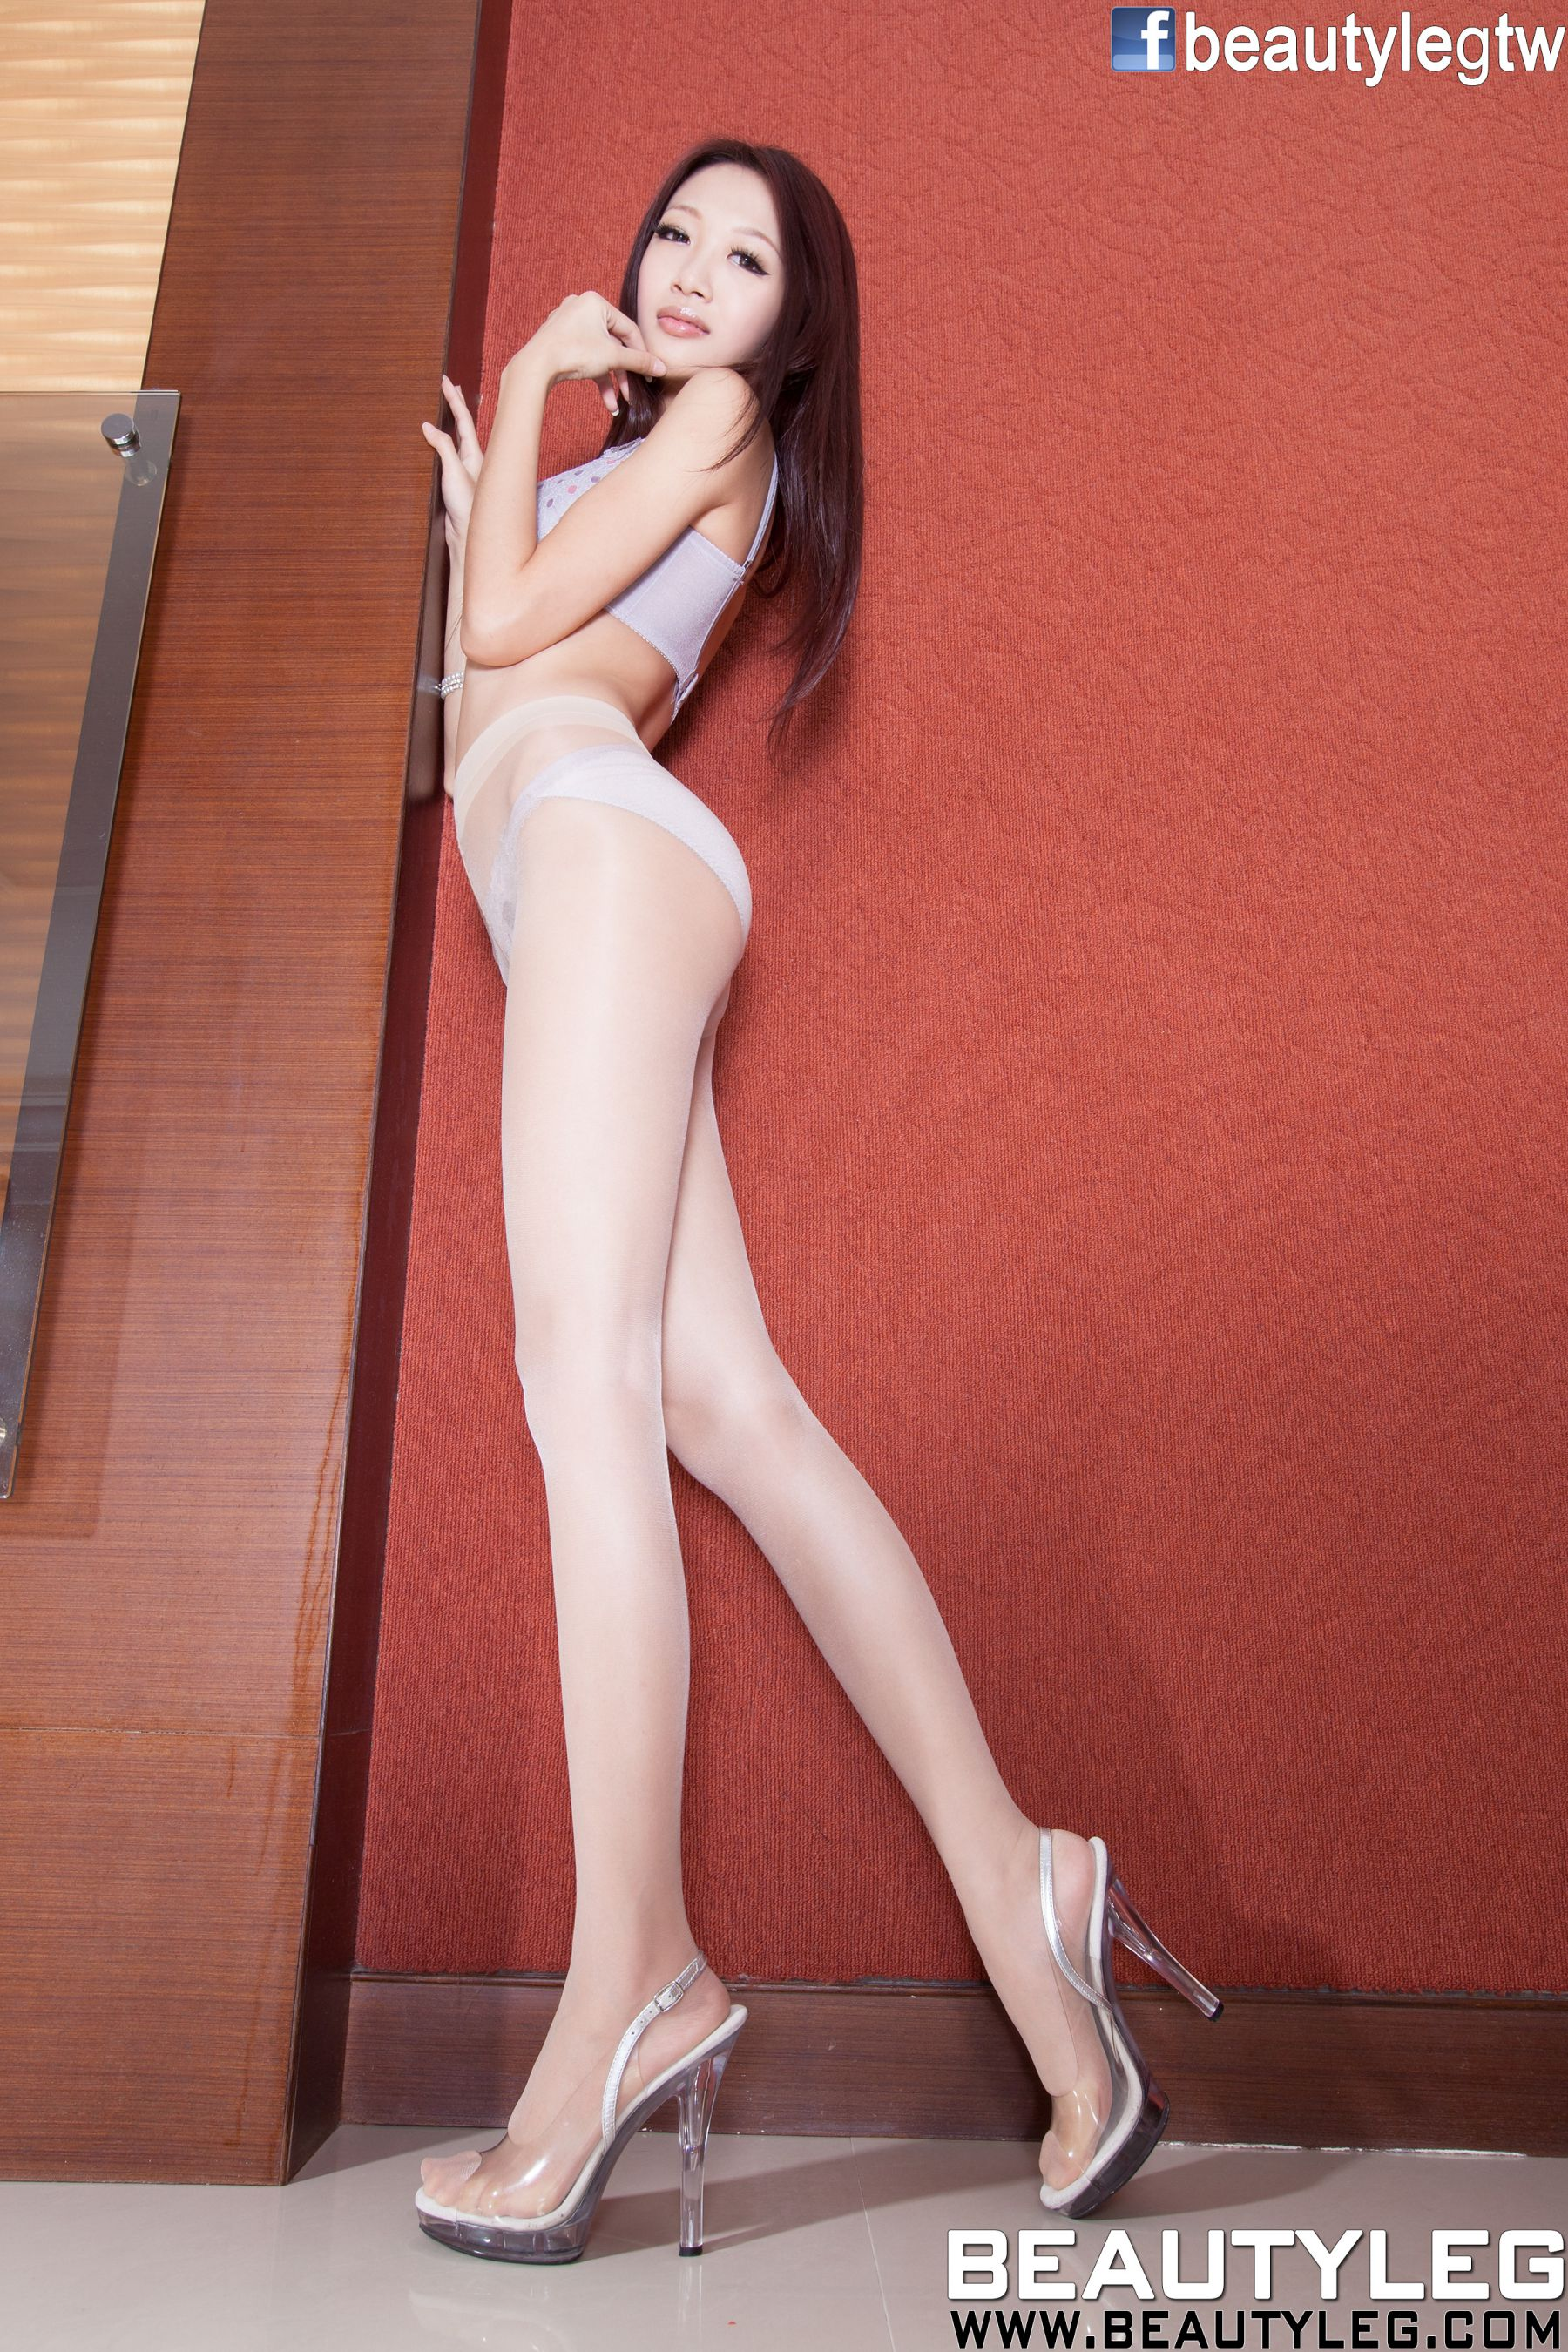 VOL.820 [Beautyleg]美腿情趣丝袜高跟凉鞋:沐雨柔(腿模Susan)超高清个人性感漂亮大图(89P)